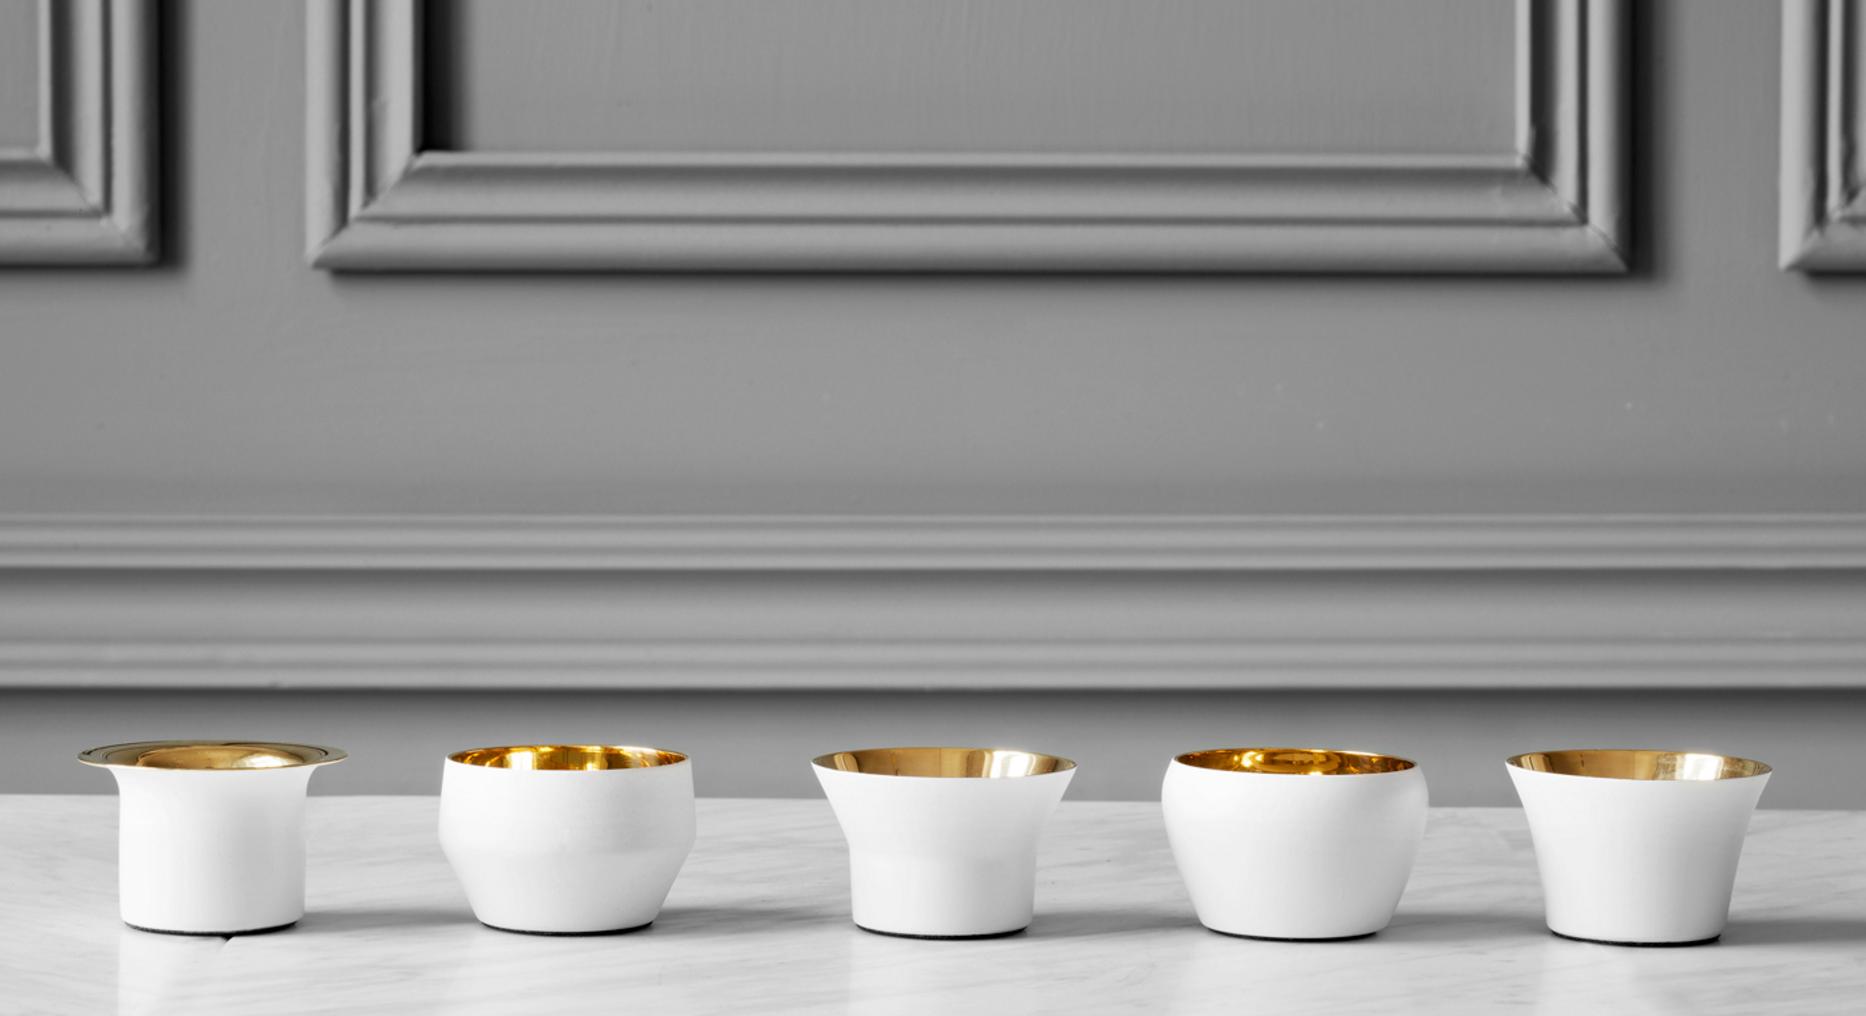 Kin Tea Light Set from Horne